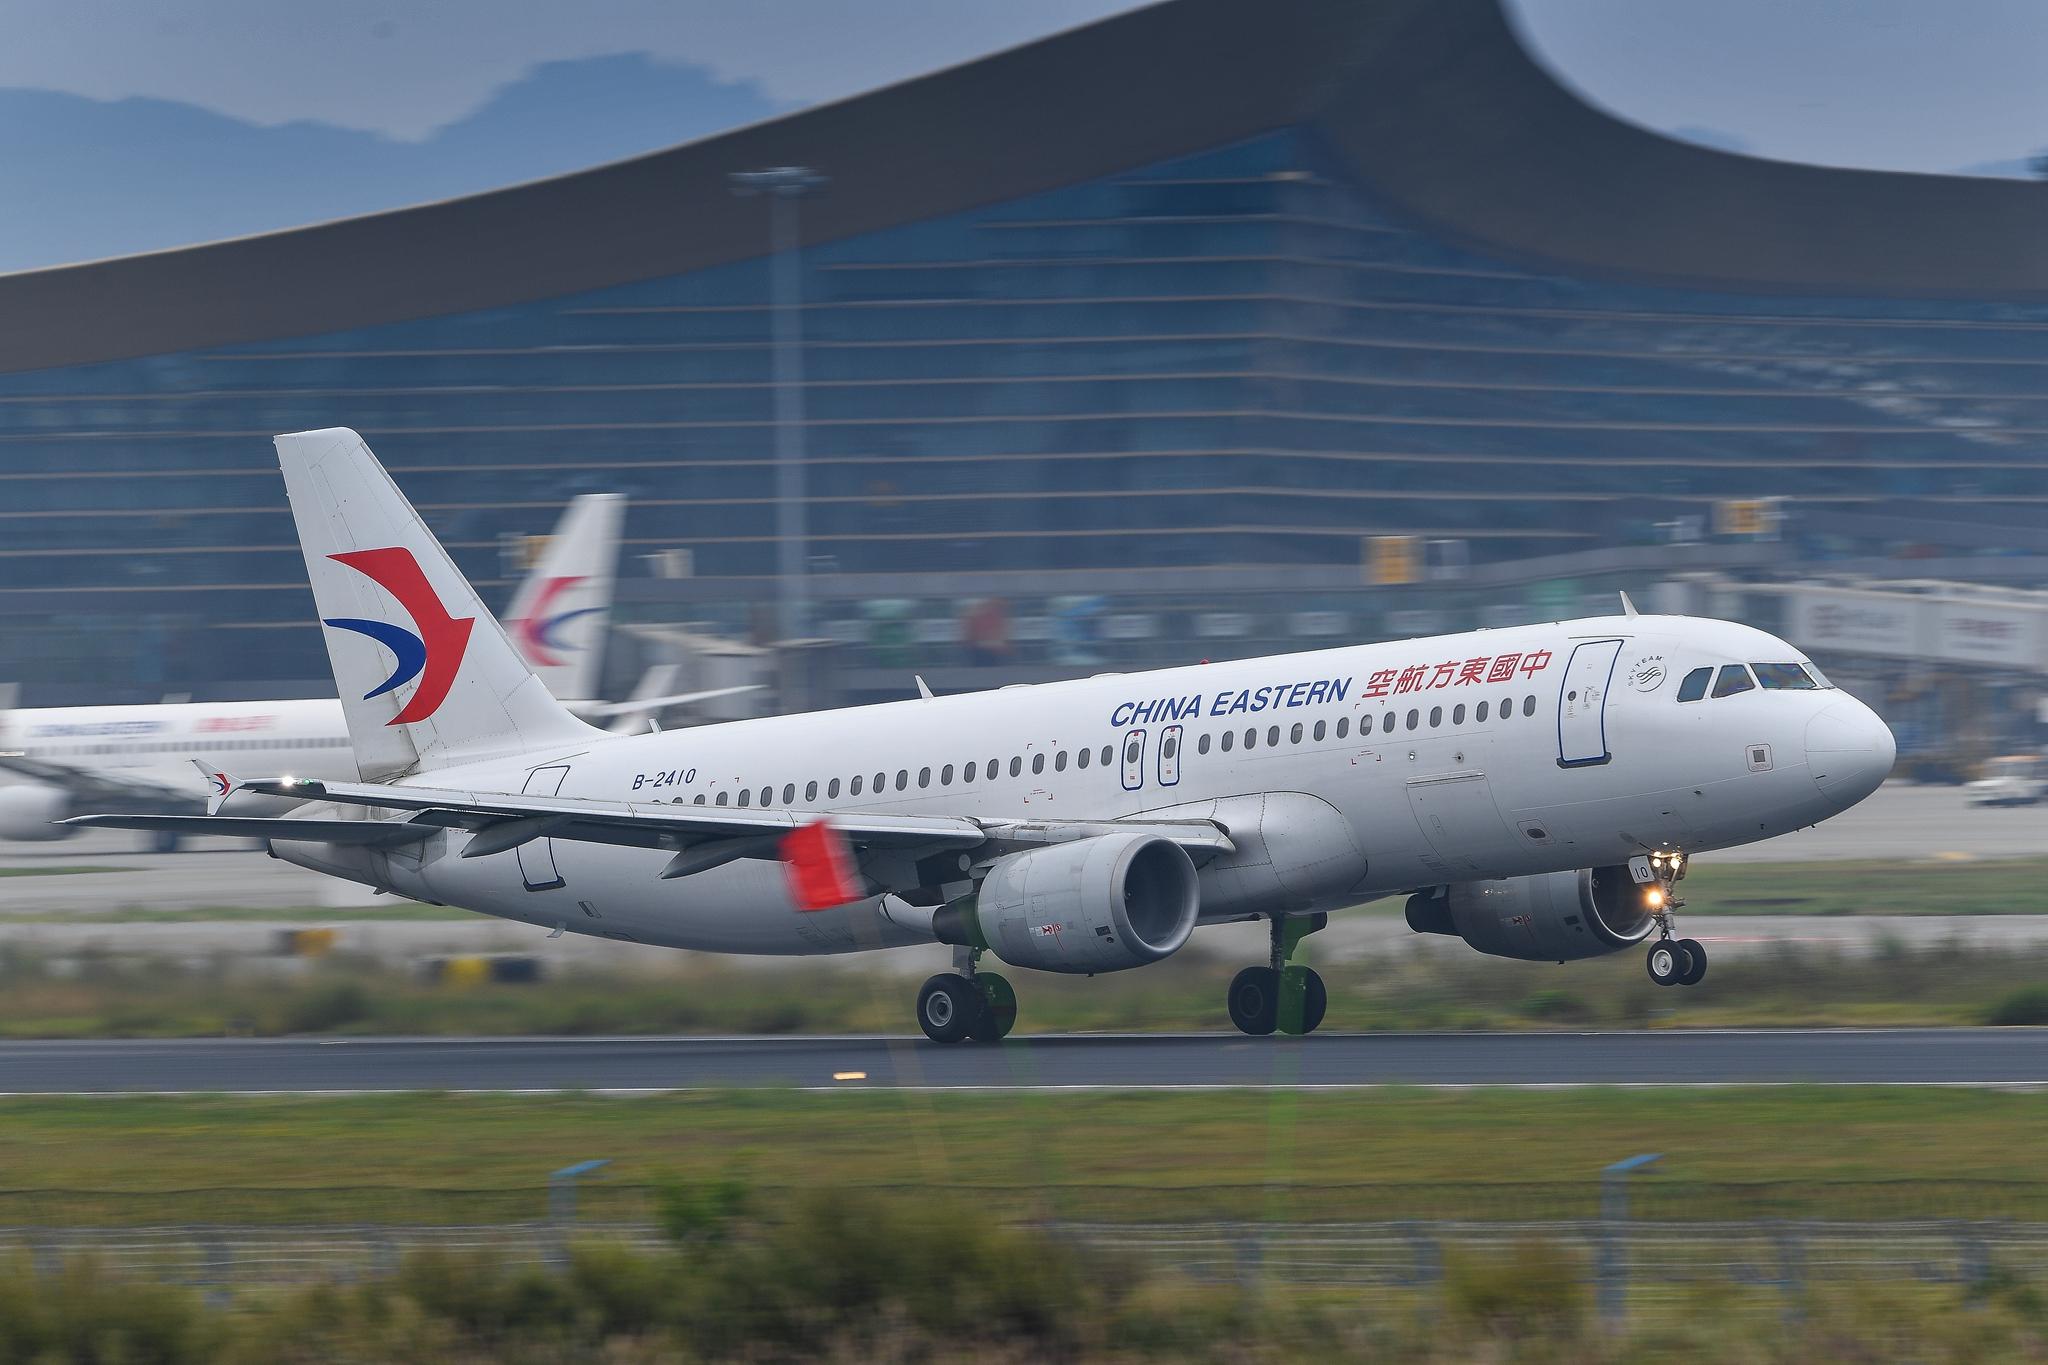 Re:[原创]【KMG】风雨潇潇 有你就好 AIRBUS A320-200 B-2410 中国昆明长水国际机场